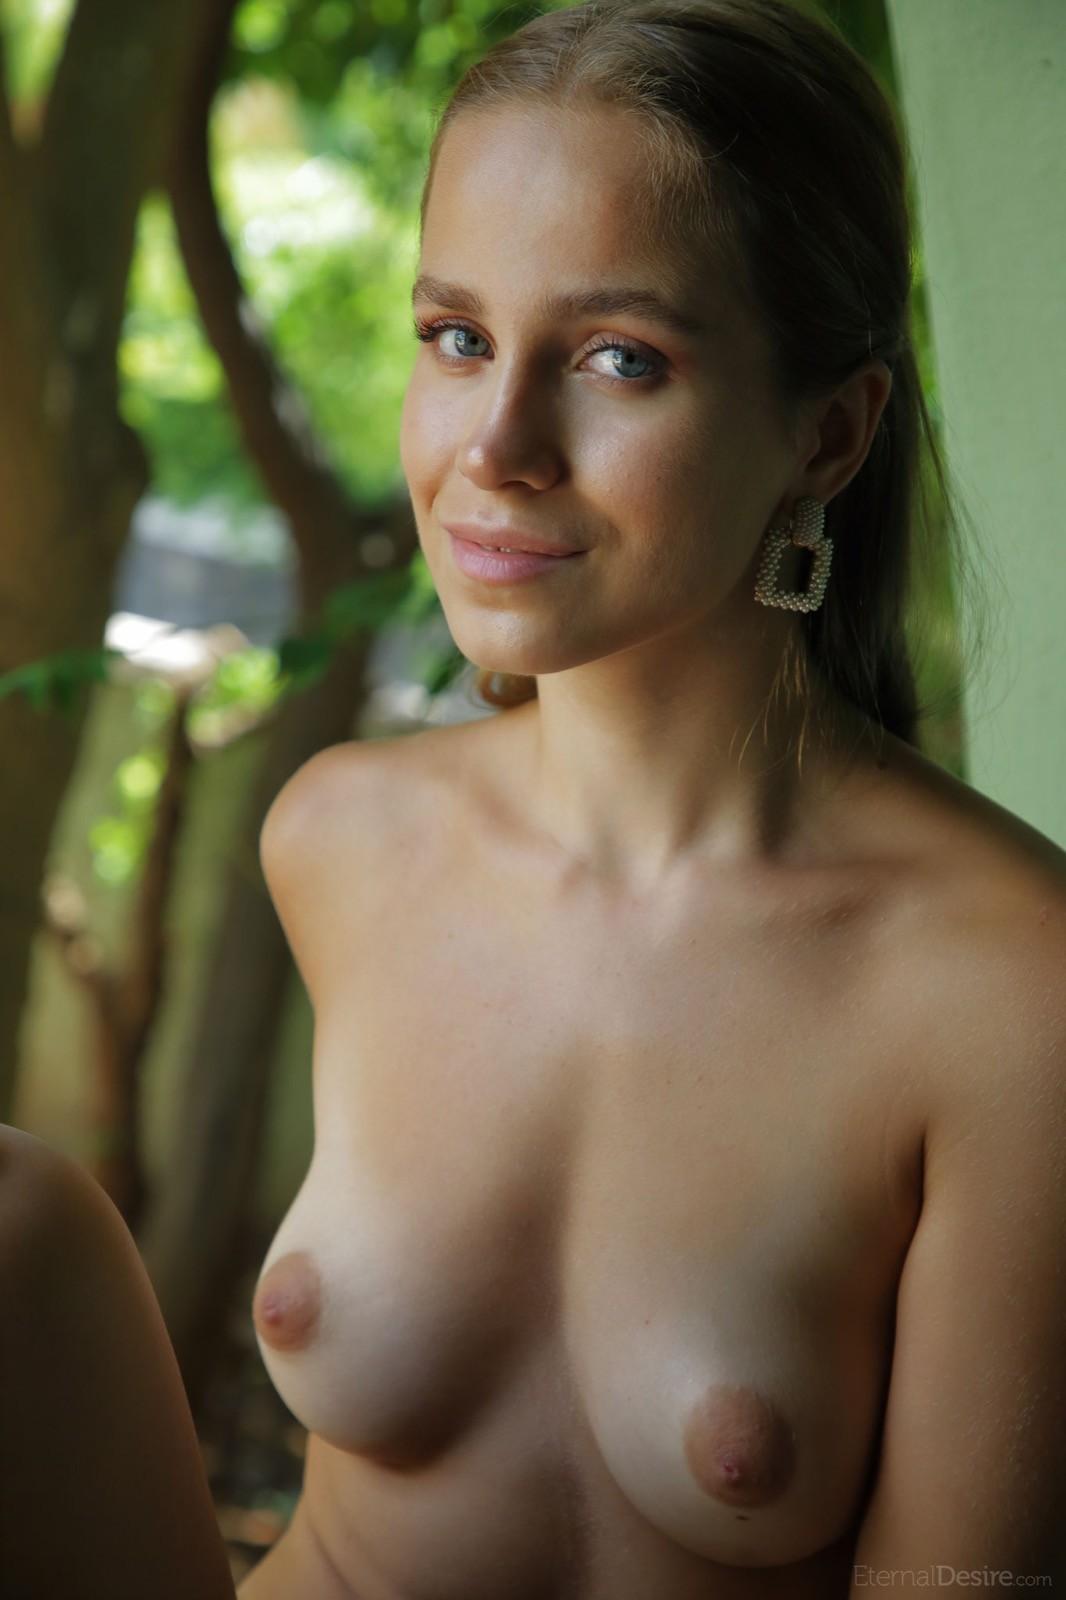 Голая русская девка позирует на даче - фото